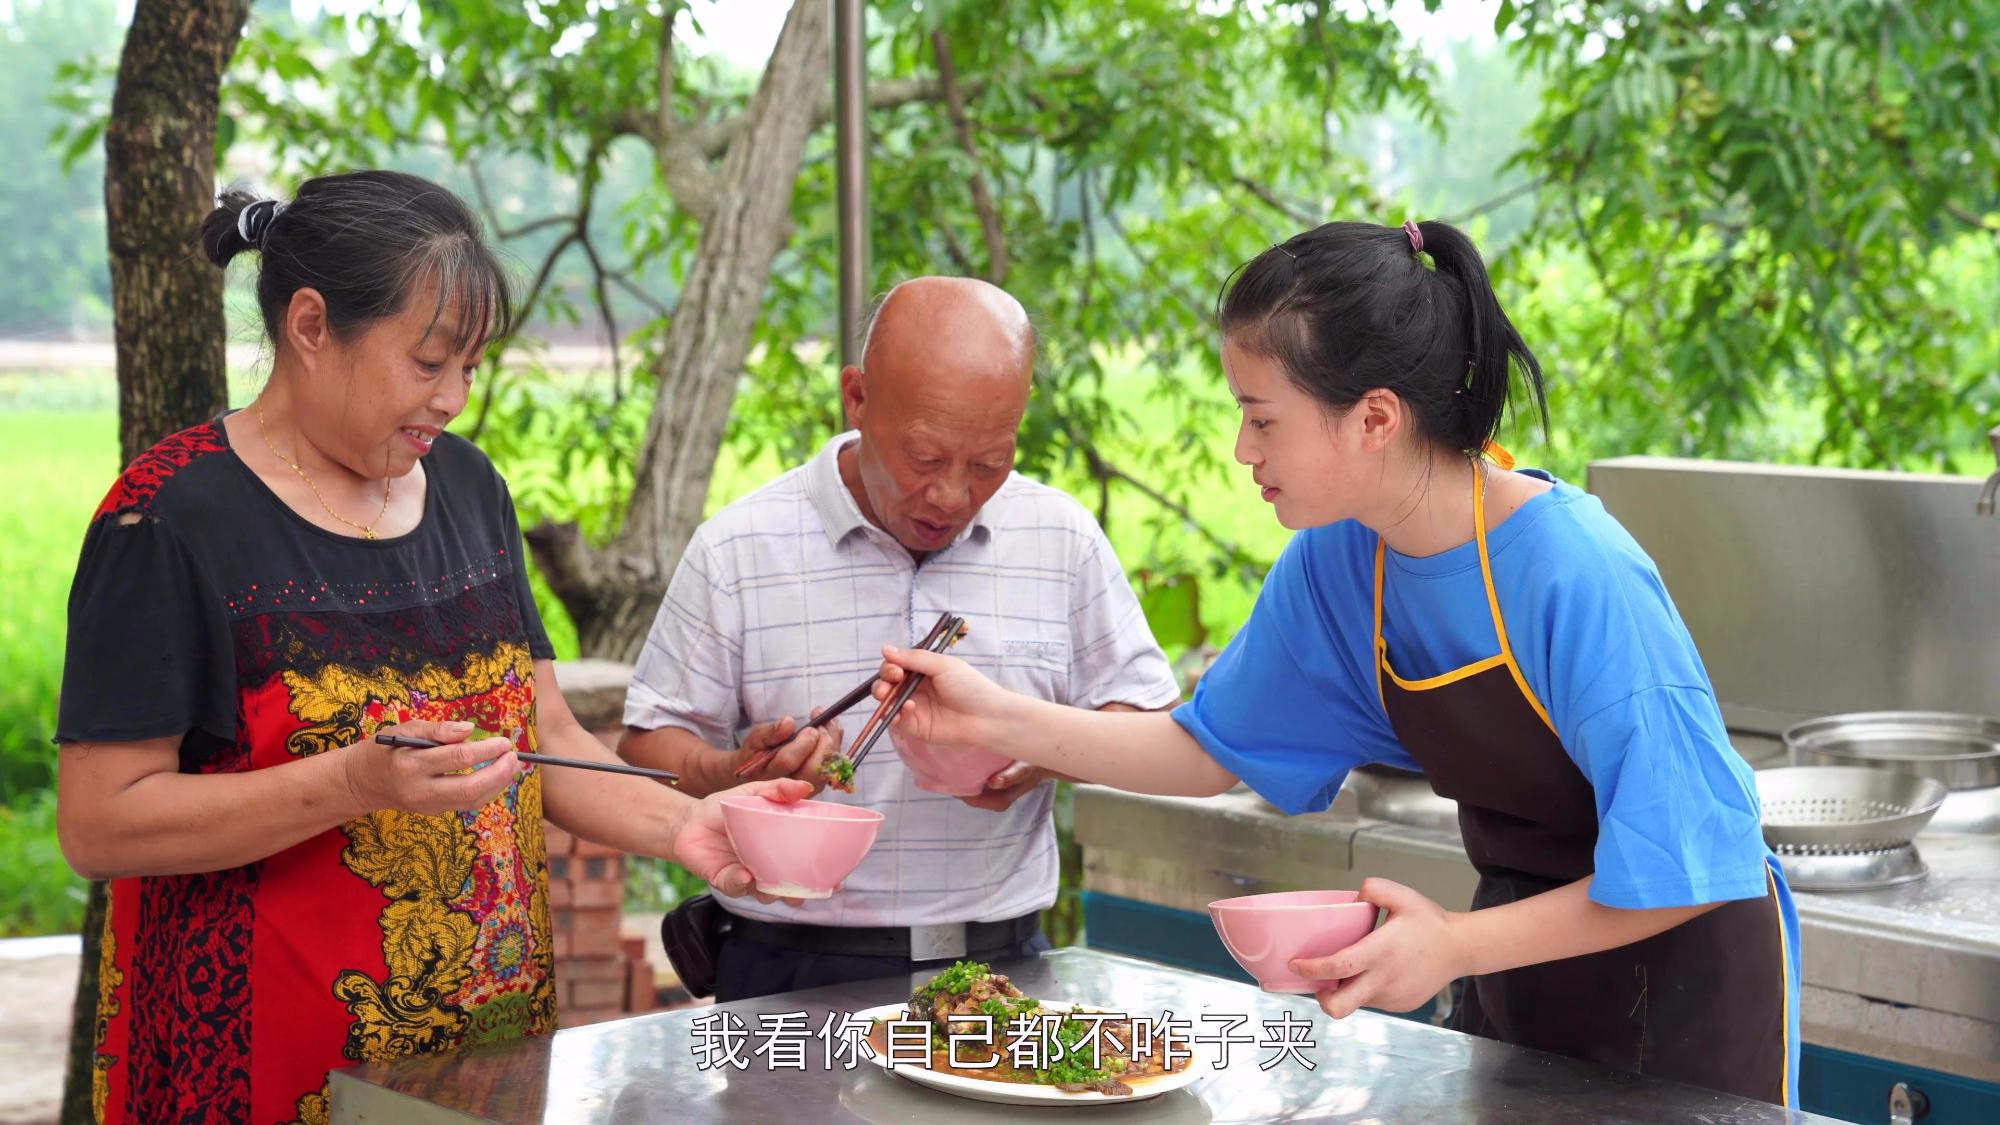 漆二娃vlog:红烧鲤鱼肉嫩味鲜,四伯爷说这是最美的一道菜